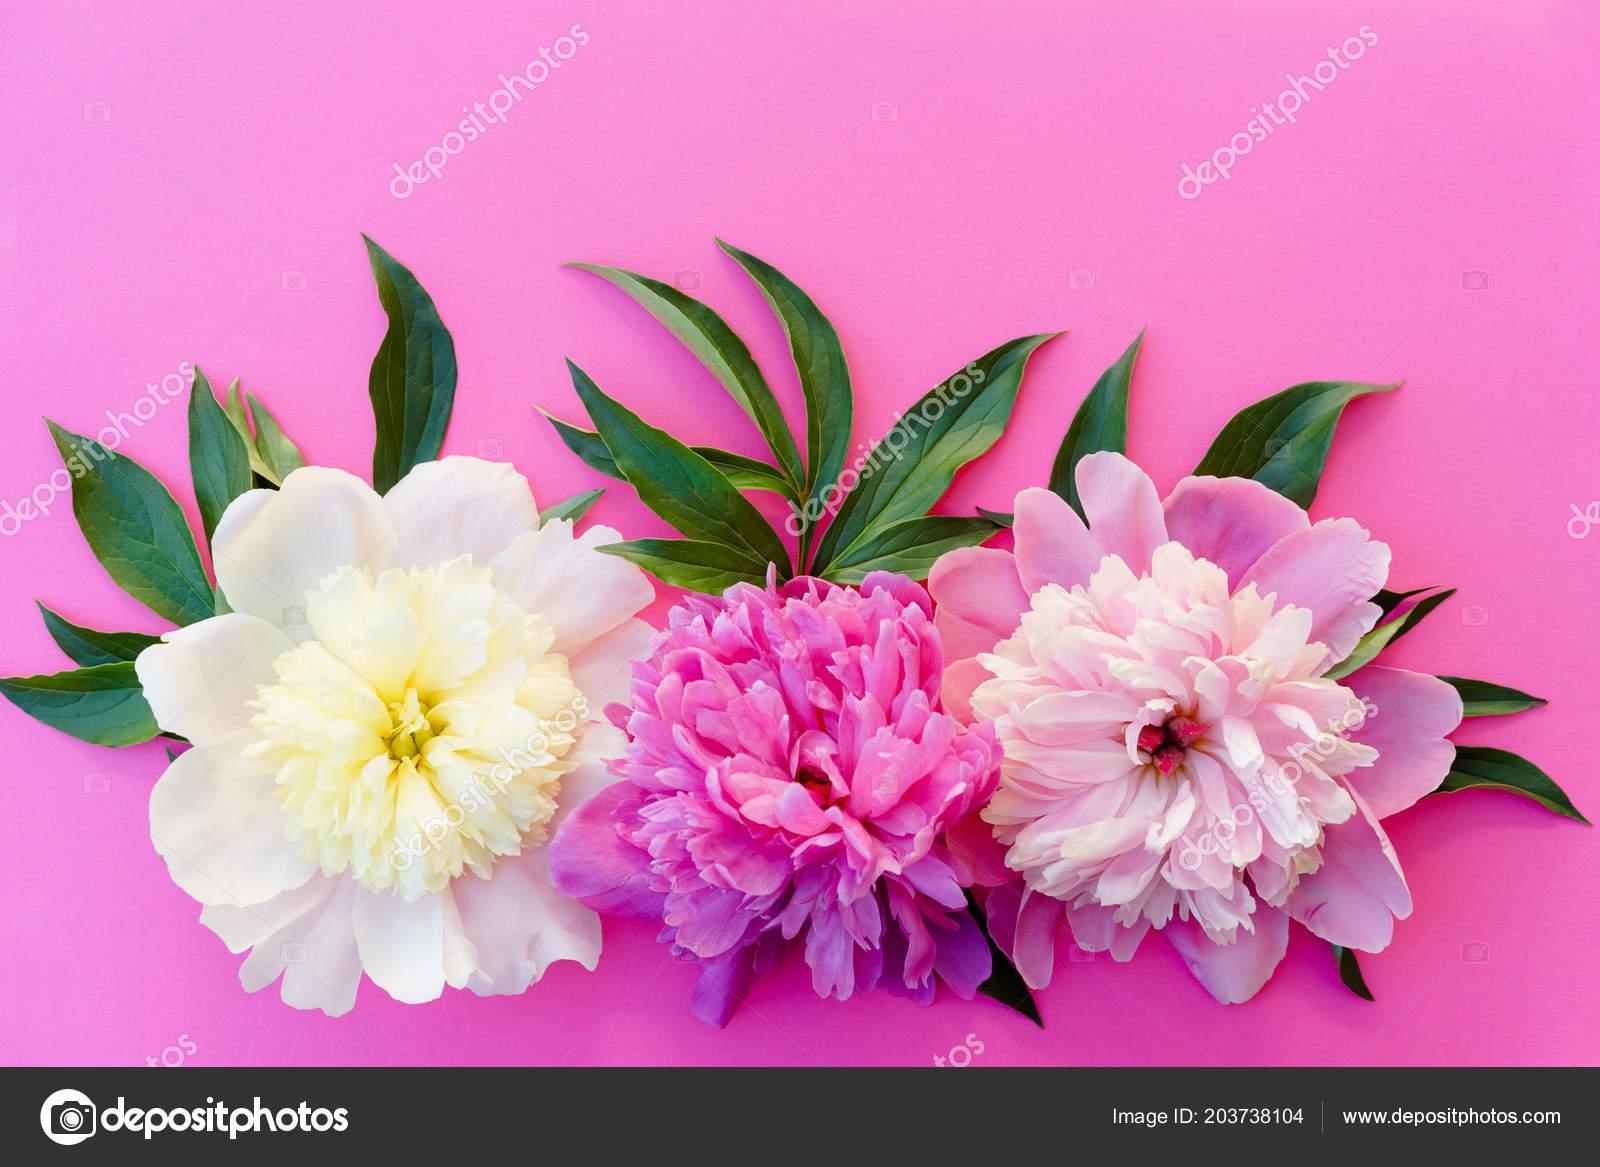 Three peony flowers cream pink purple leaves bright pink background three peony flowers cream pink purple leaves bright pink background stock photo mightylinksfo